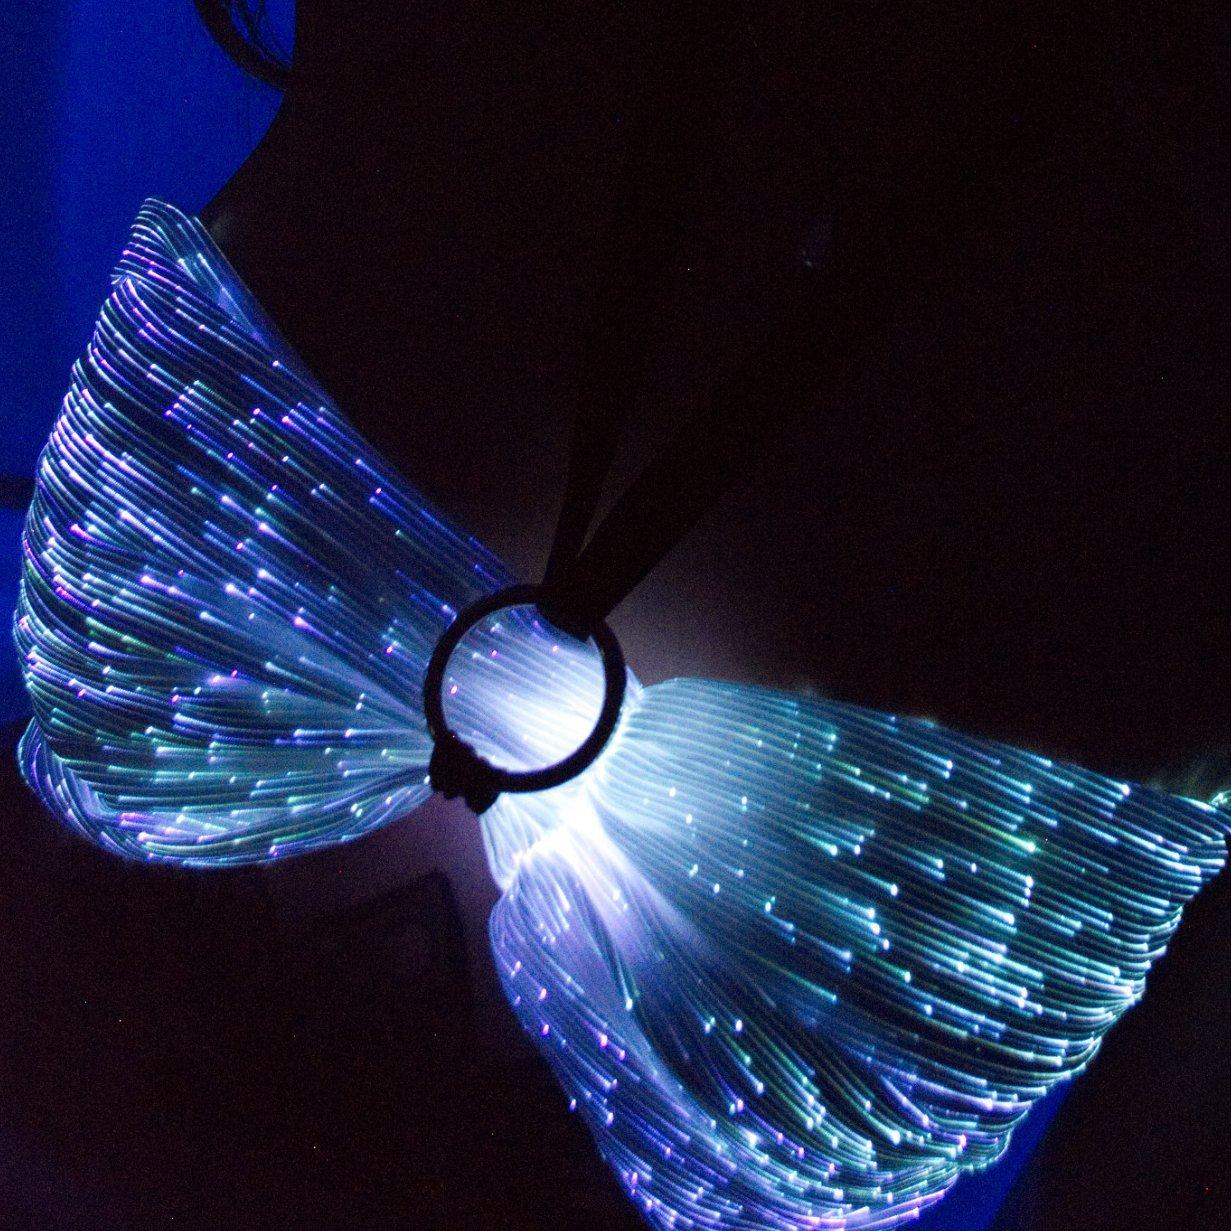 Rave Nation Women's Illuminated Bra